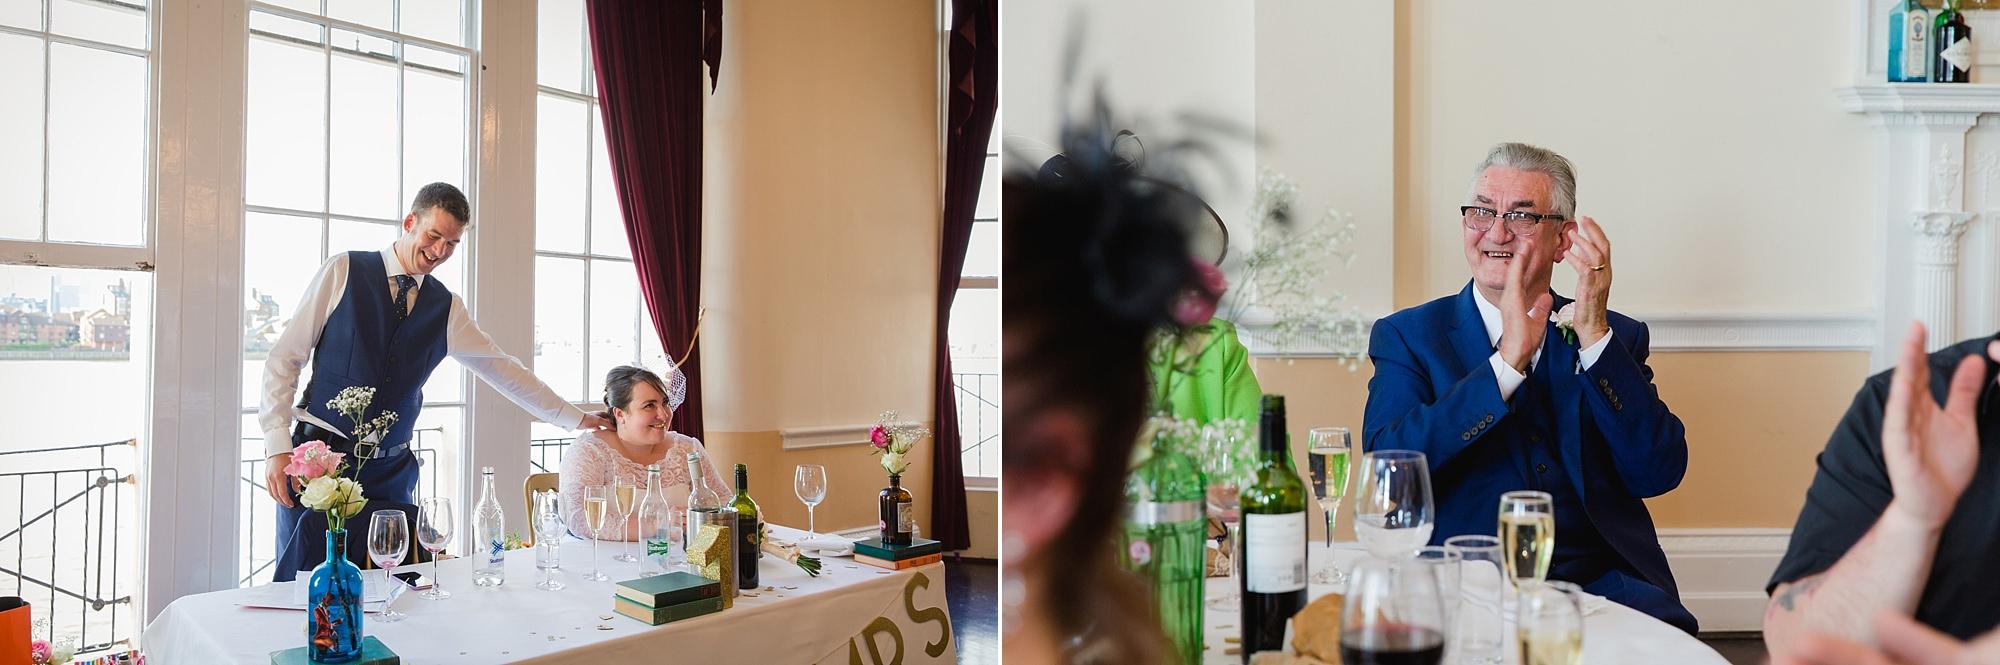 Trafalgar Tavern wedding groom giving speech